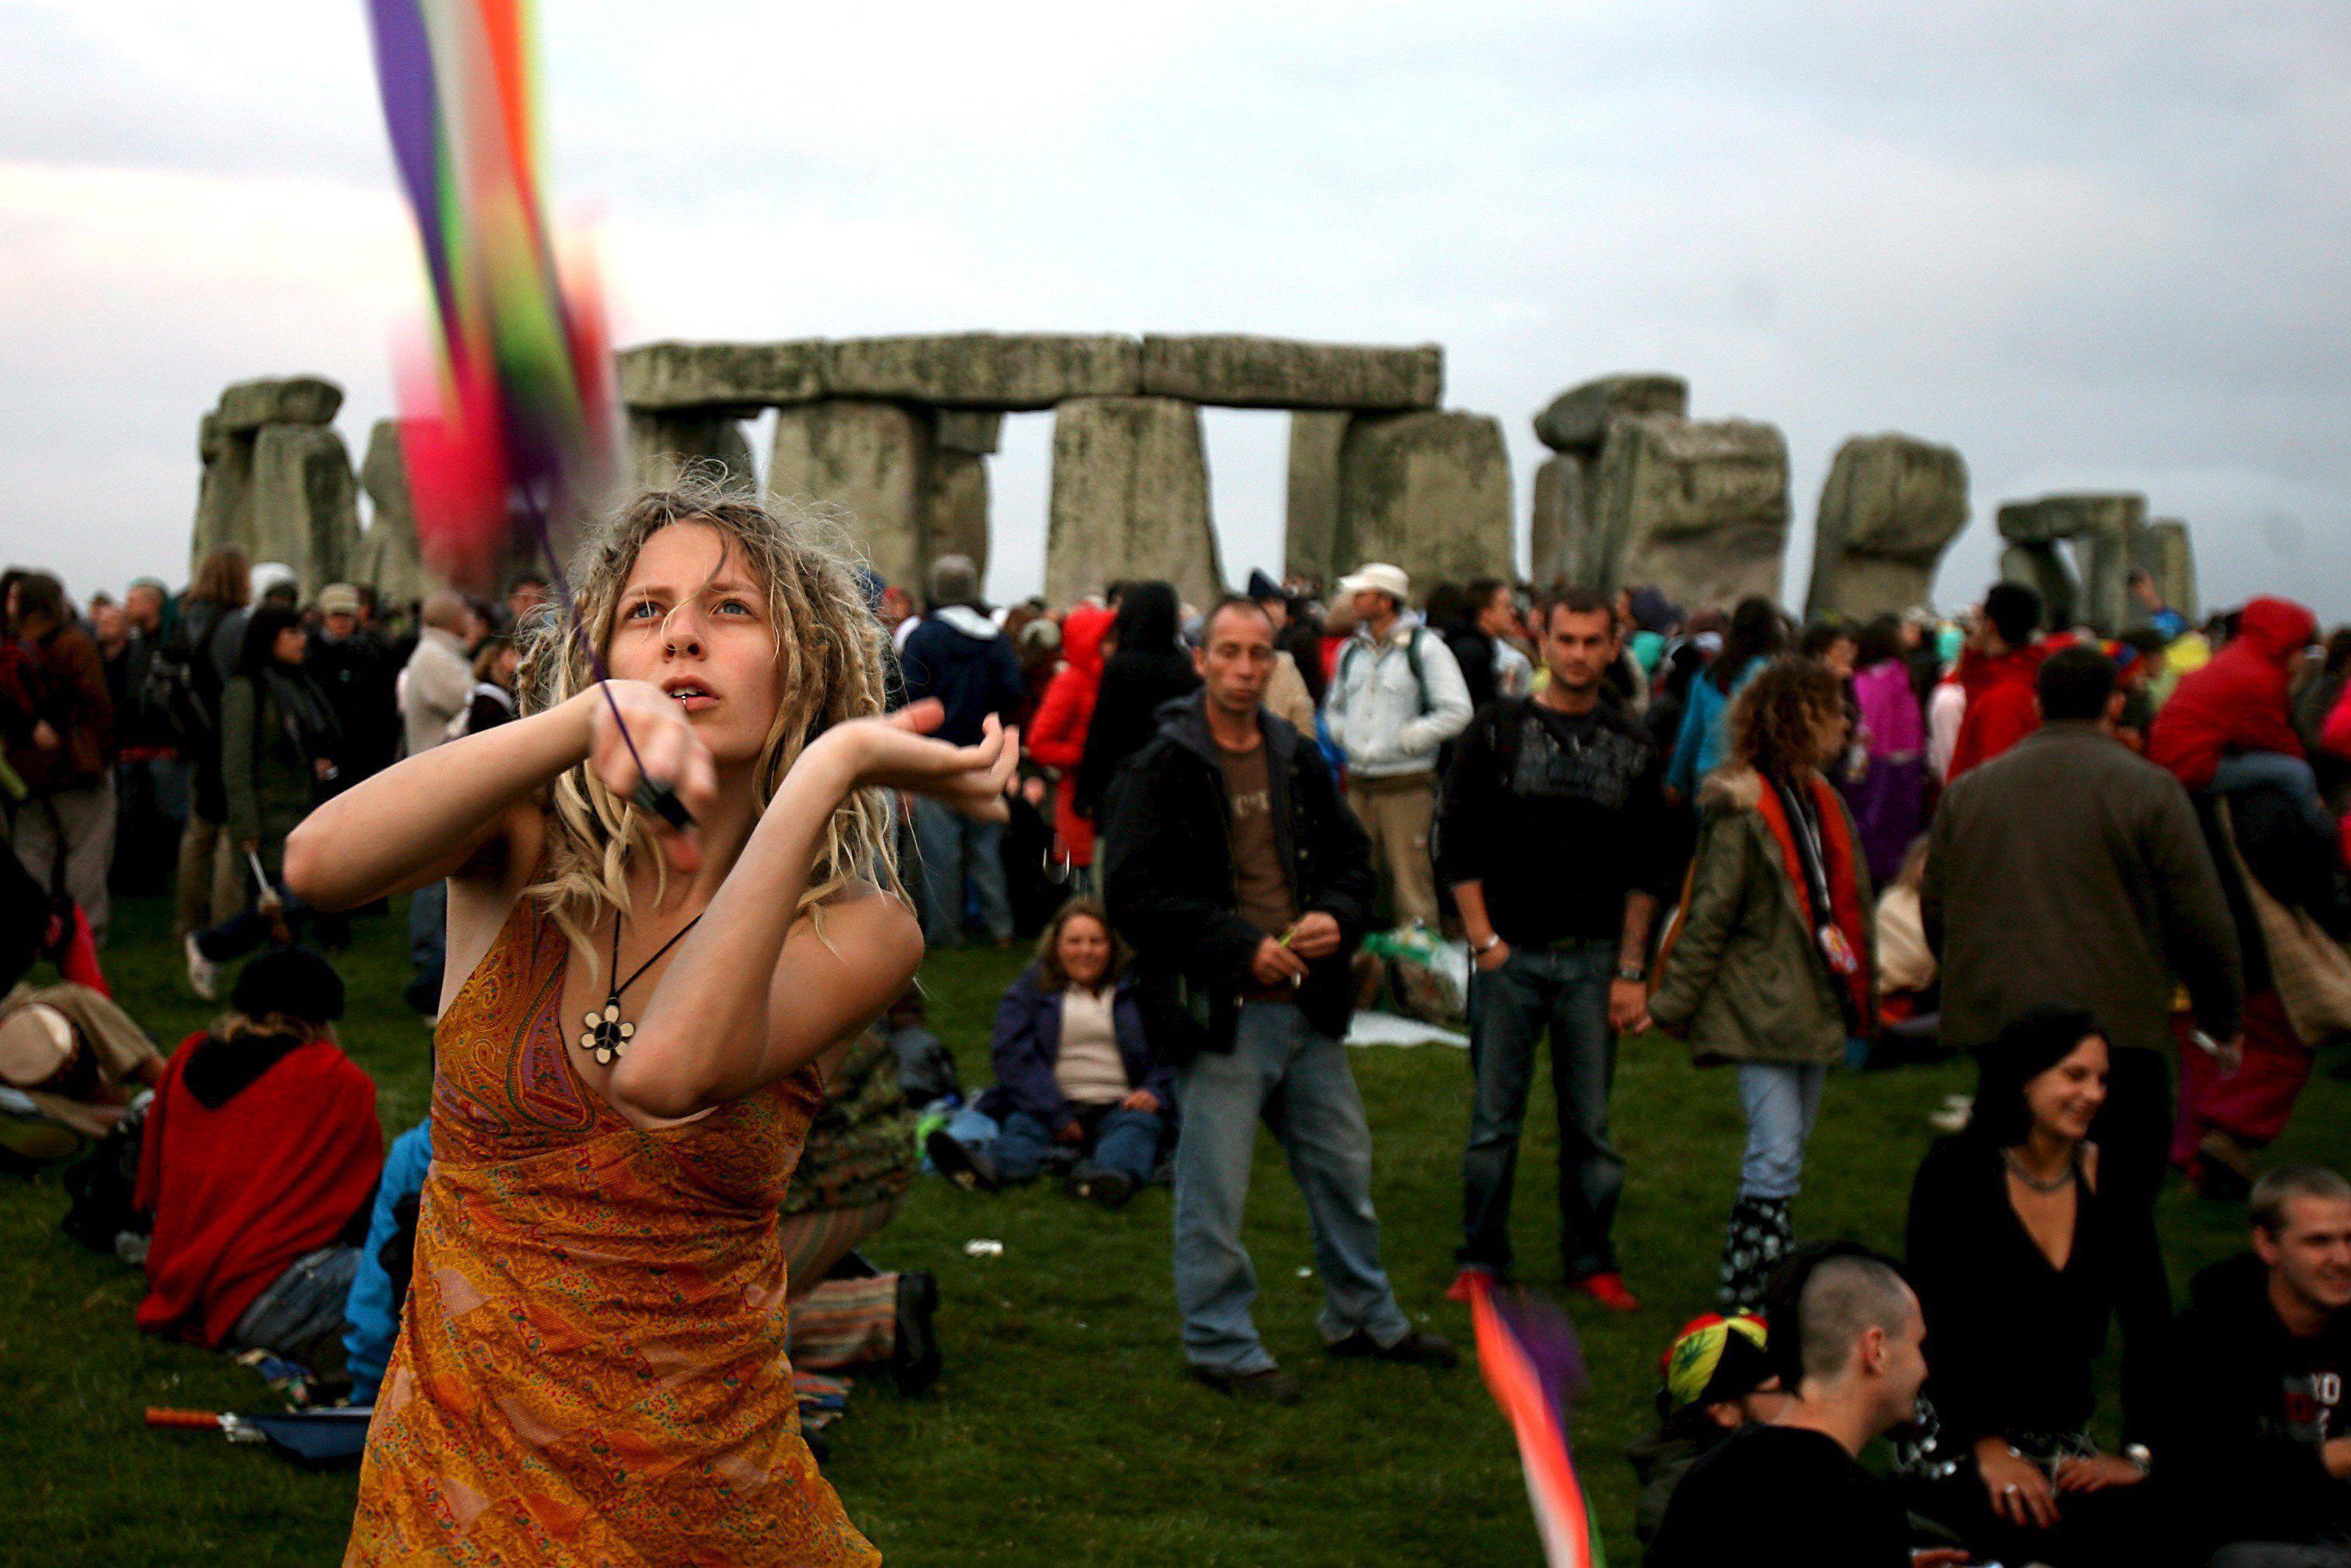 Jedes Jahr feiern Tausende die Sommersonnenwende bei Stonehenge